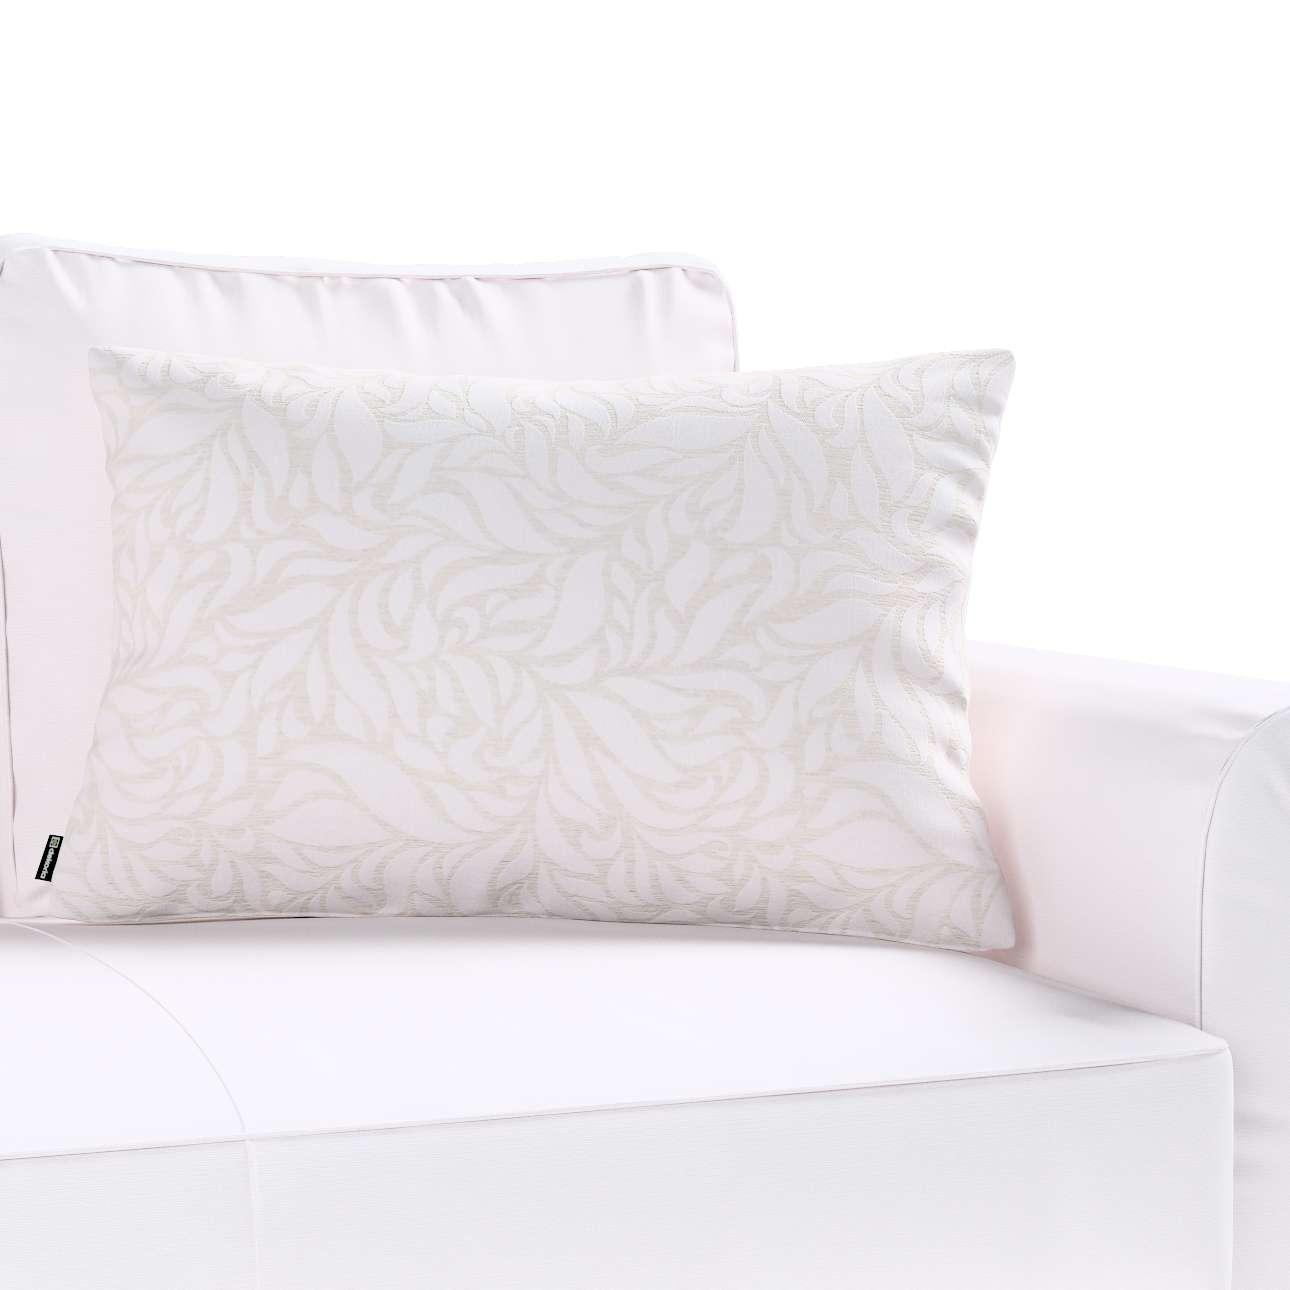 Kinga dekoratyvinės pagalvėlės užvalkalas 60x40cm 60x40cm kolekcijoje Venice, audinys: 140-50